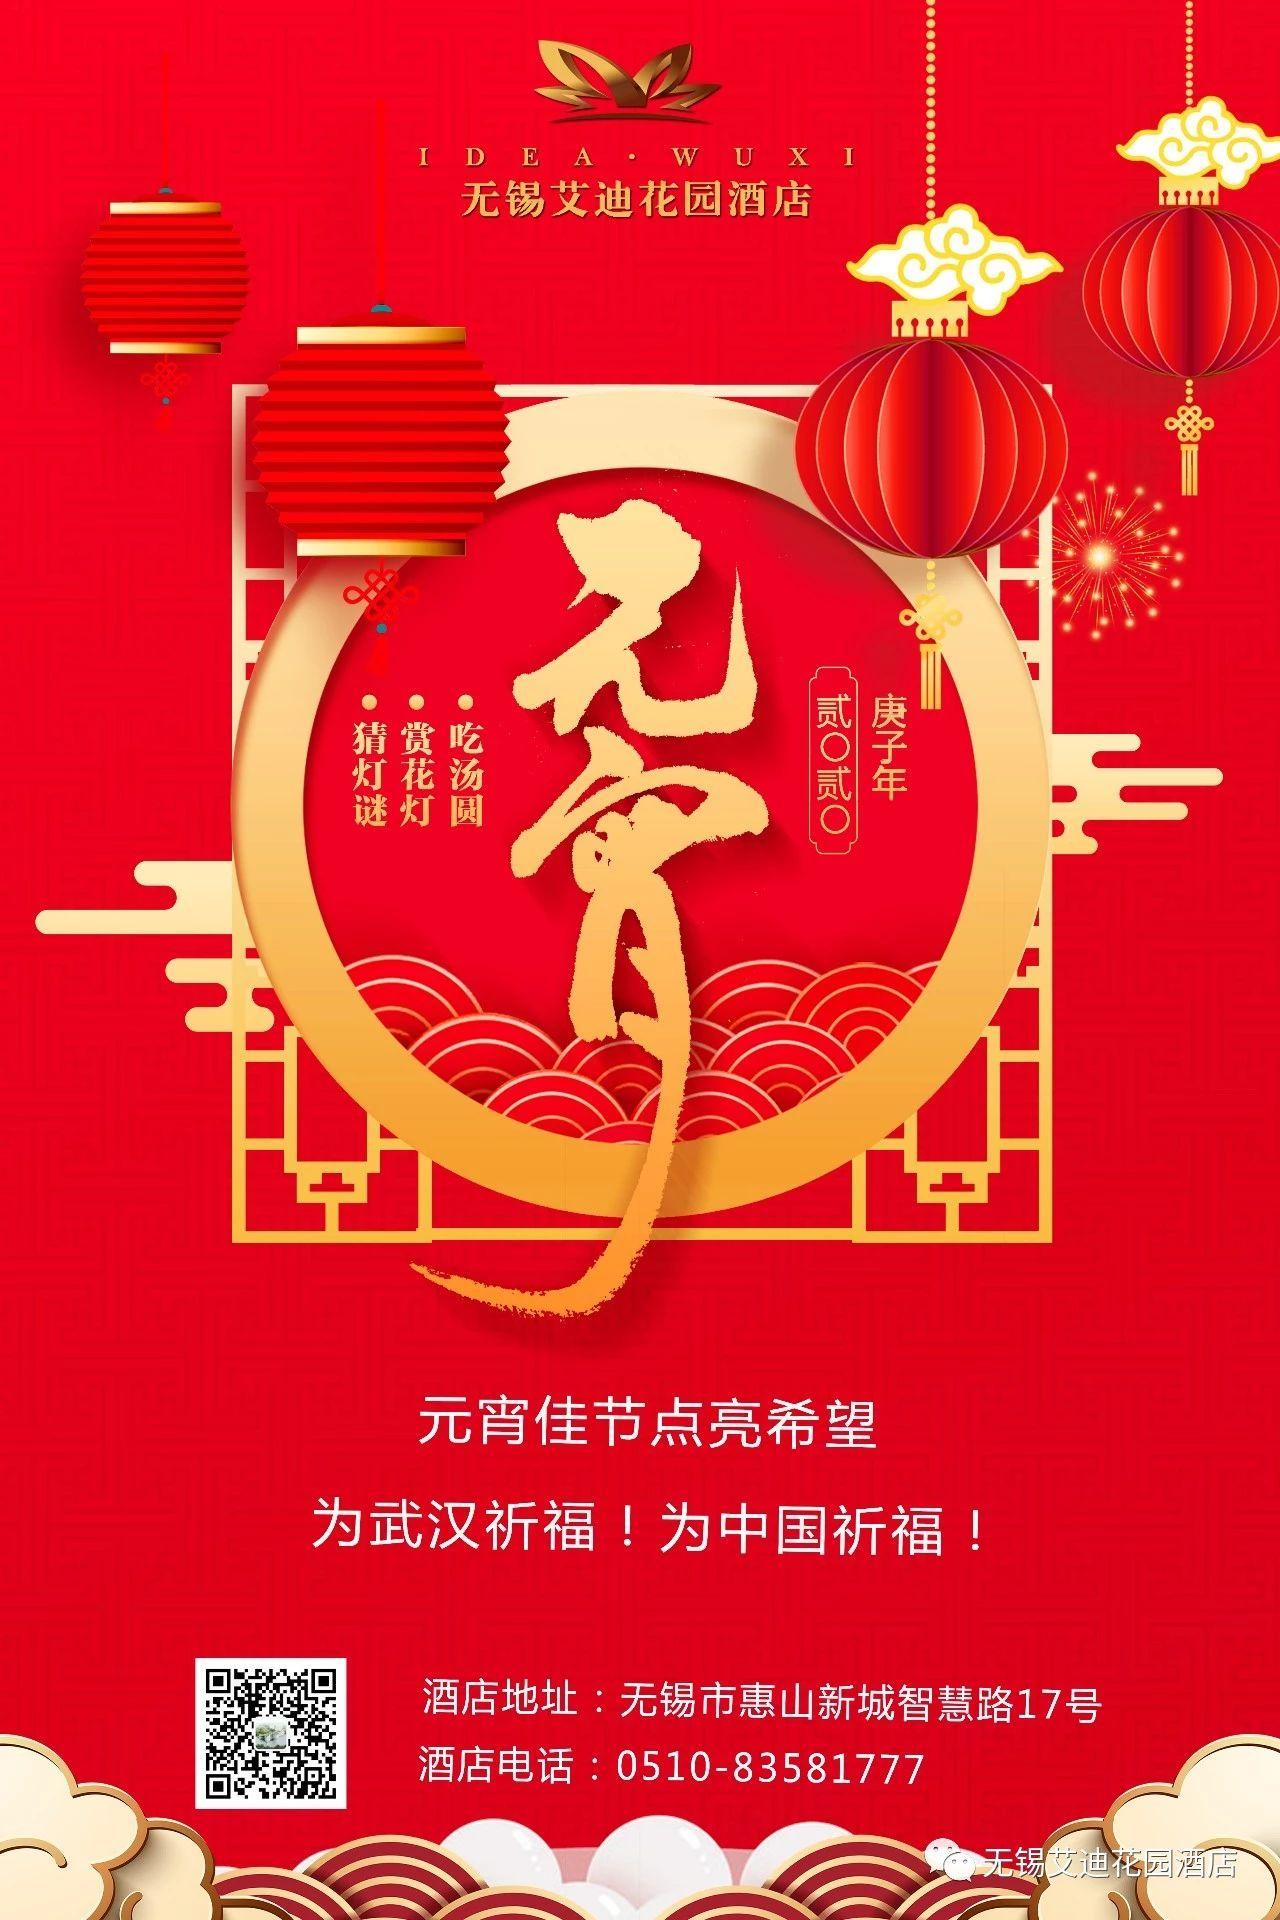 元宵 | 我们一起点亮希望:为武汉祈福!为中国祈福!